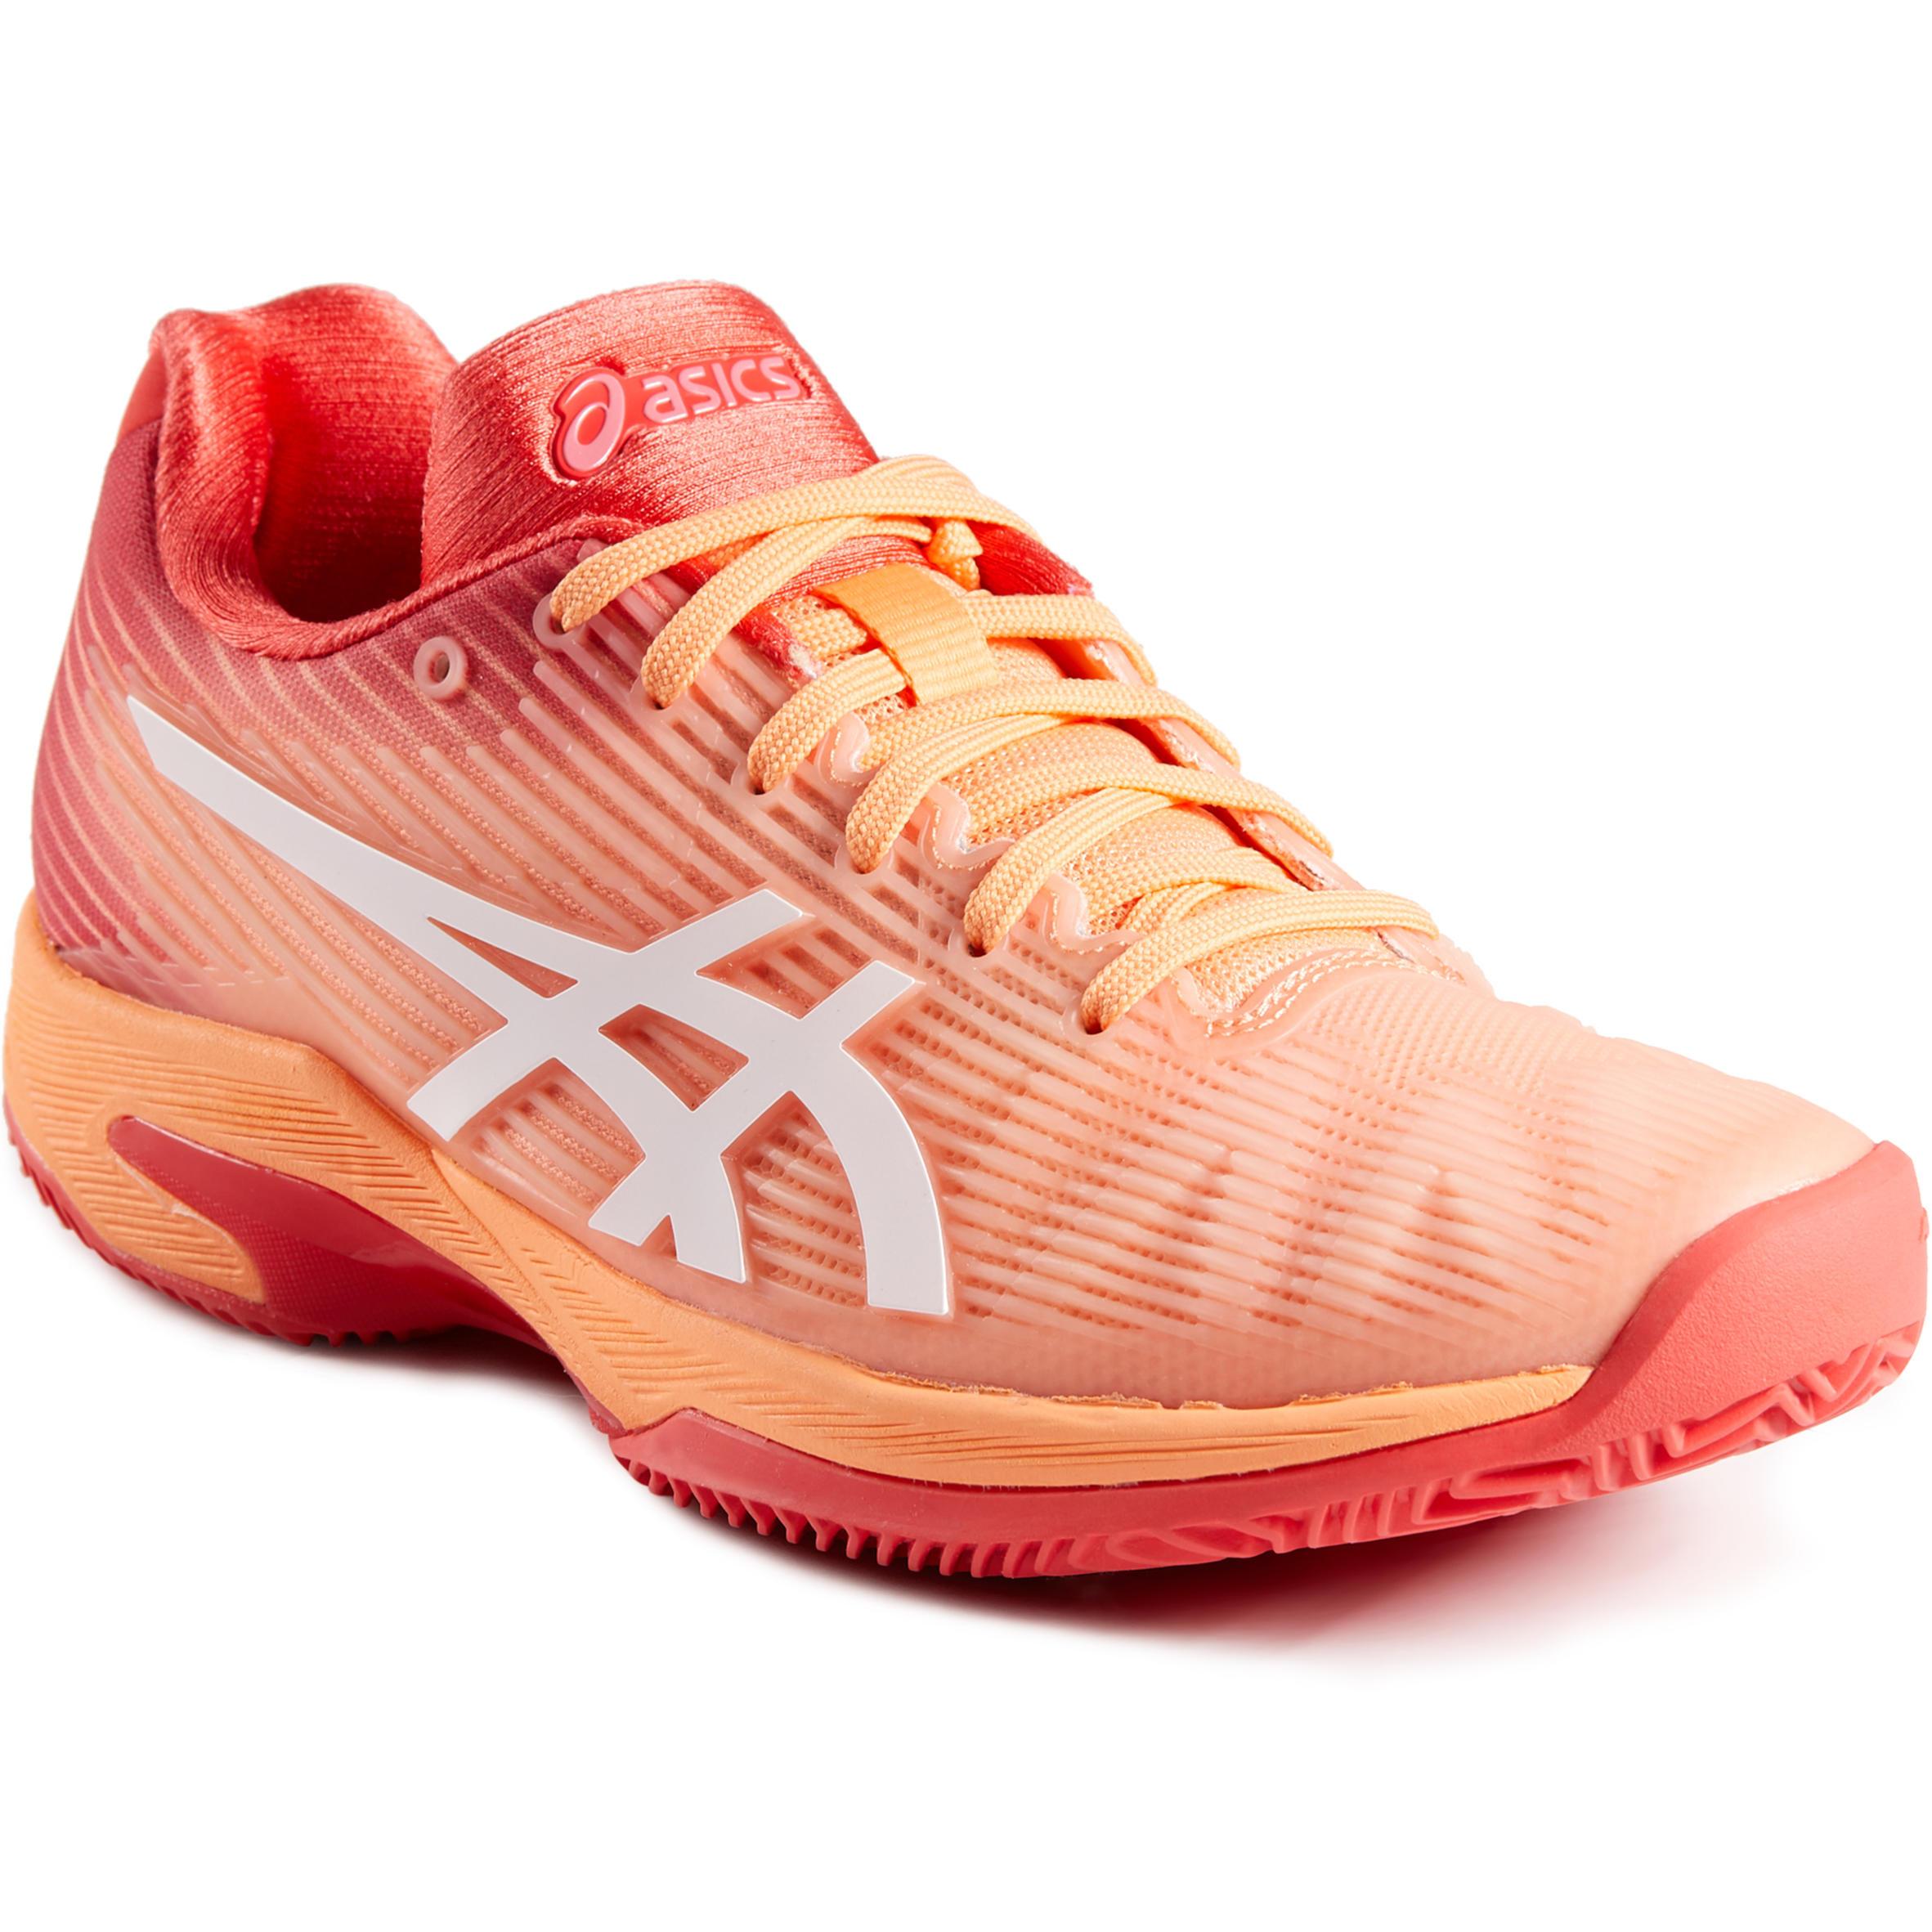 2462392 Asics Tennisschoenen voor dames Speed Clay koraalrood